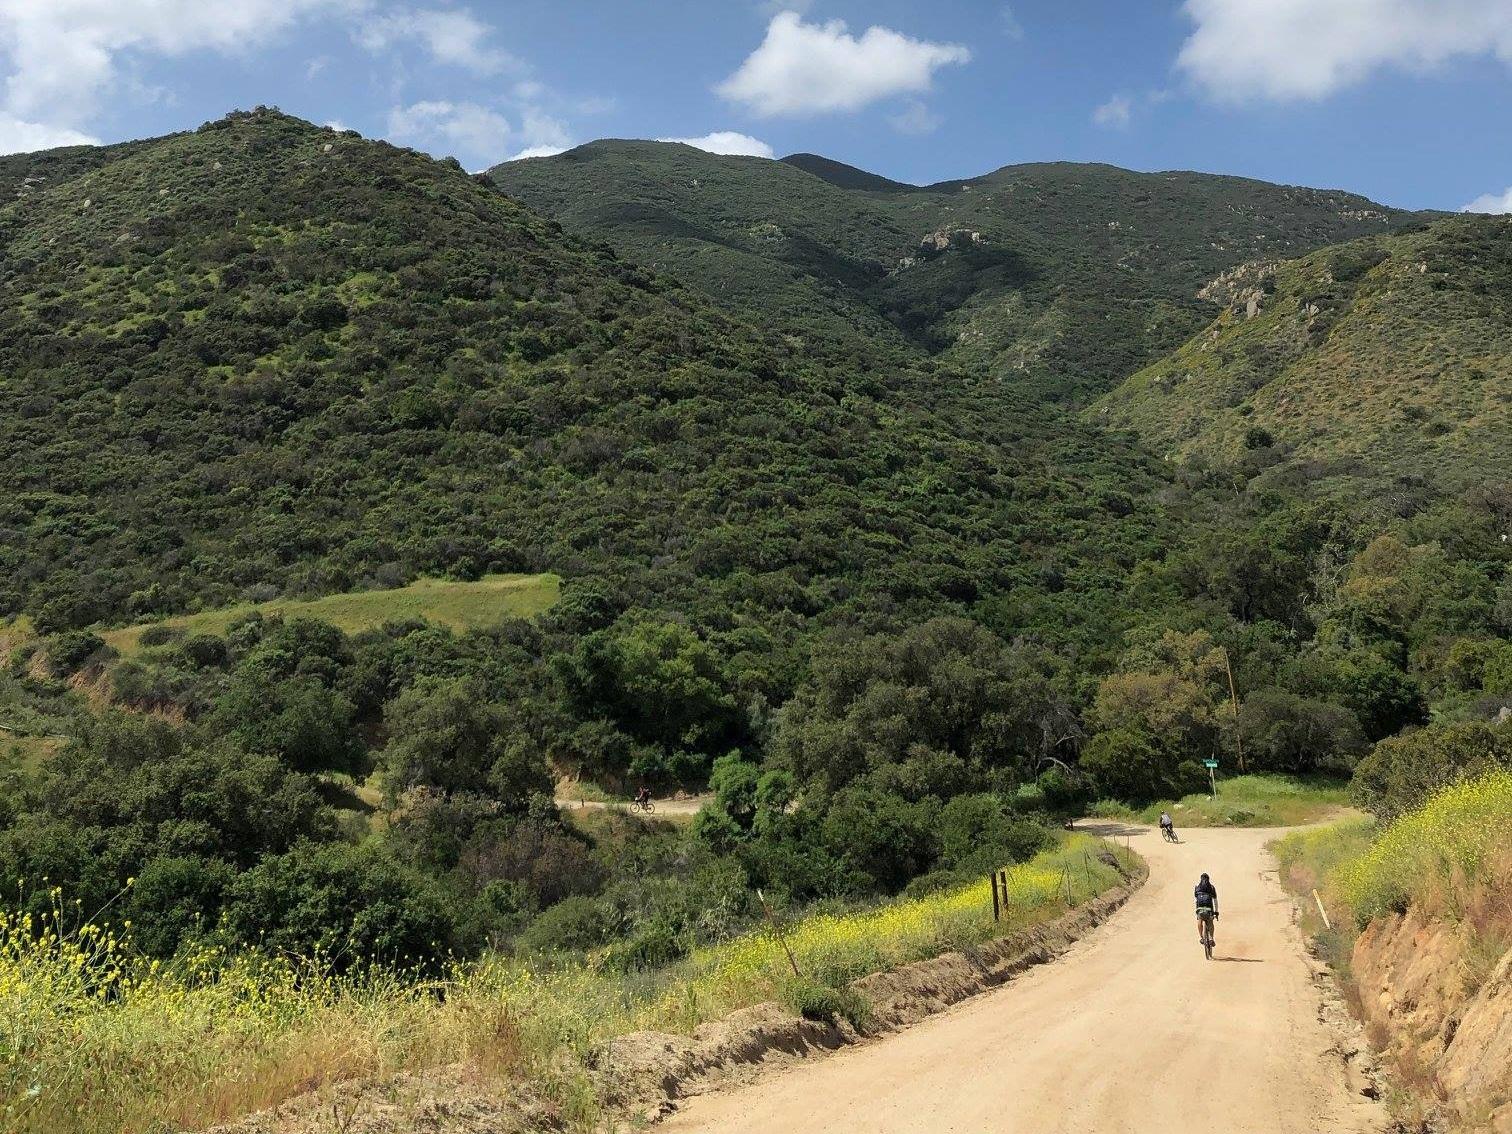 Climbing Sloan Canyon